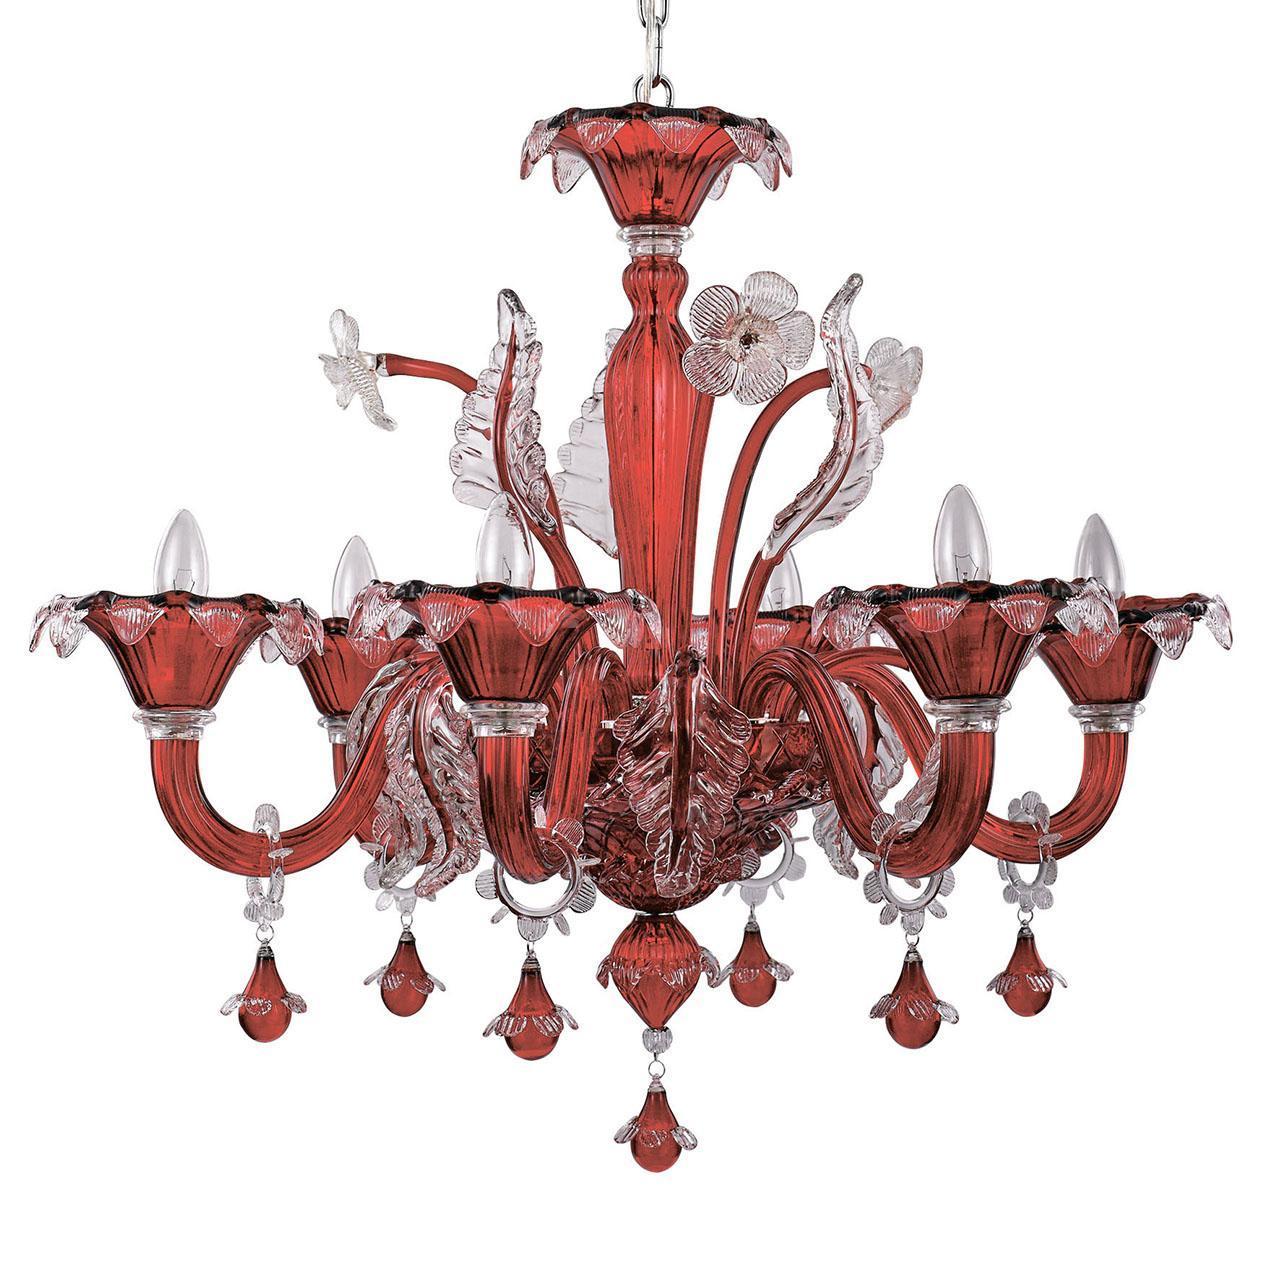 Подвесная люстра Ideal Lux Ca Vendramin SP6 Rosso стоимость